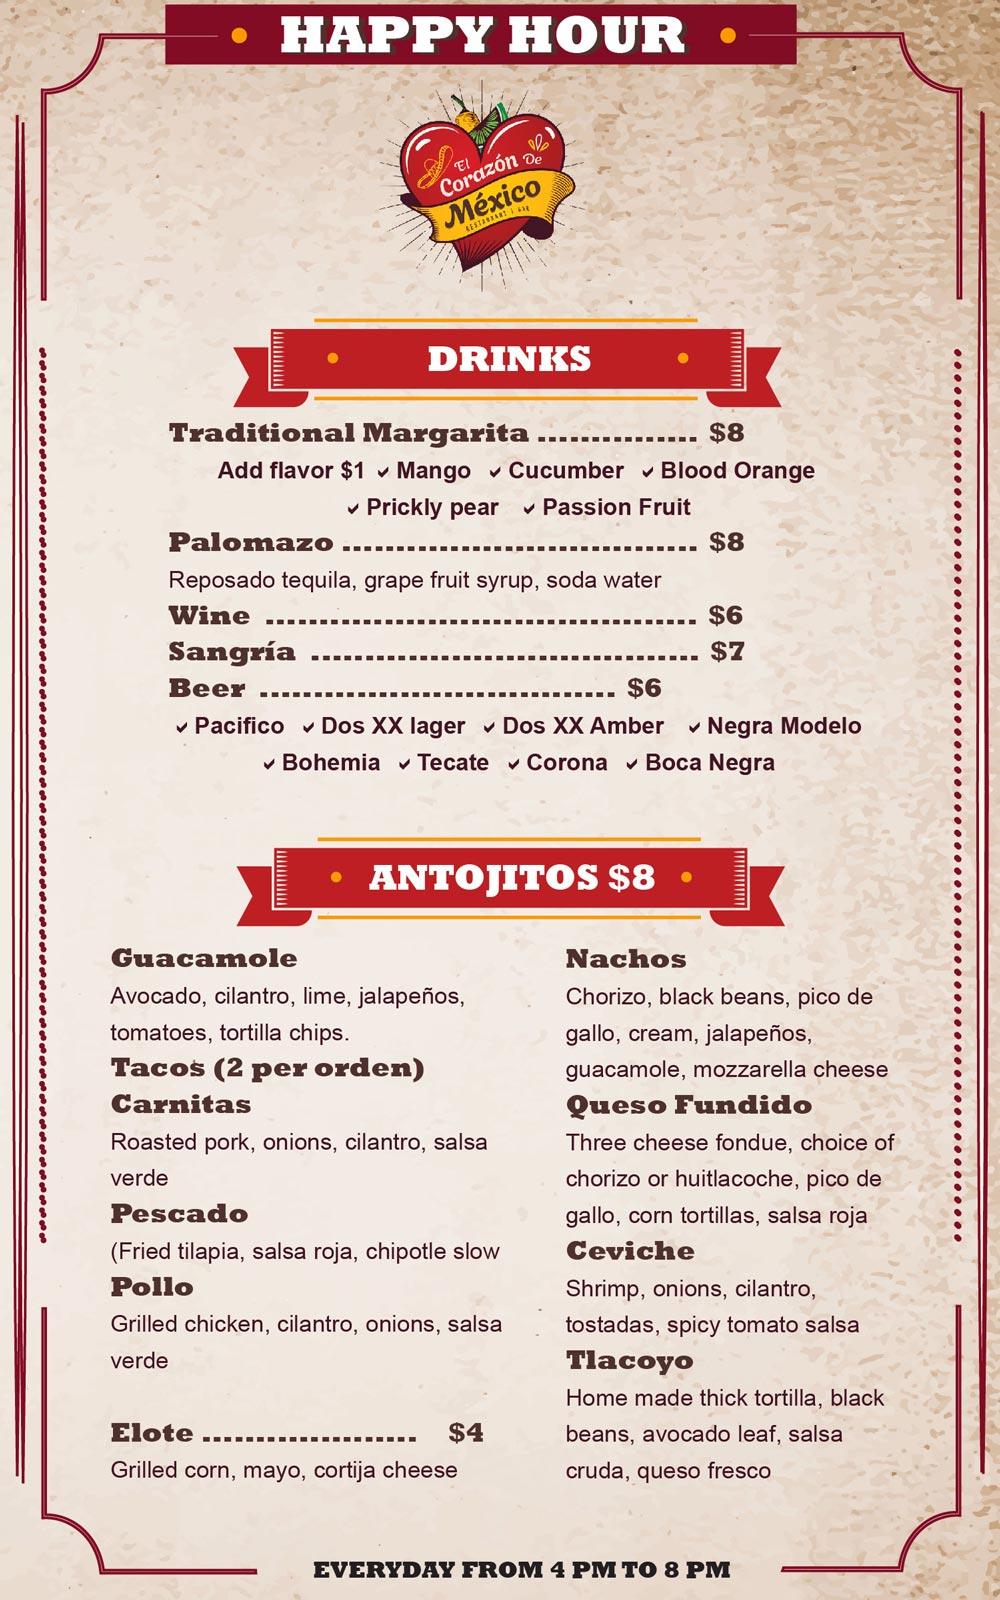 menu-happy-hour.jpg